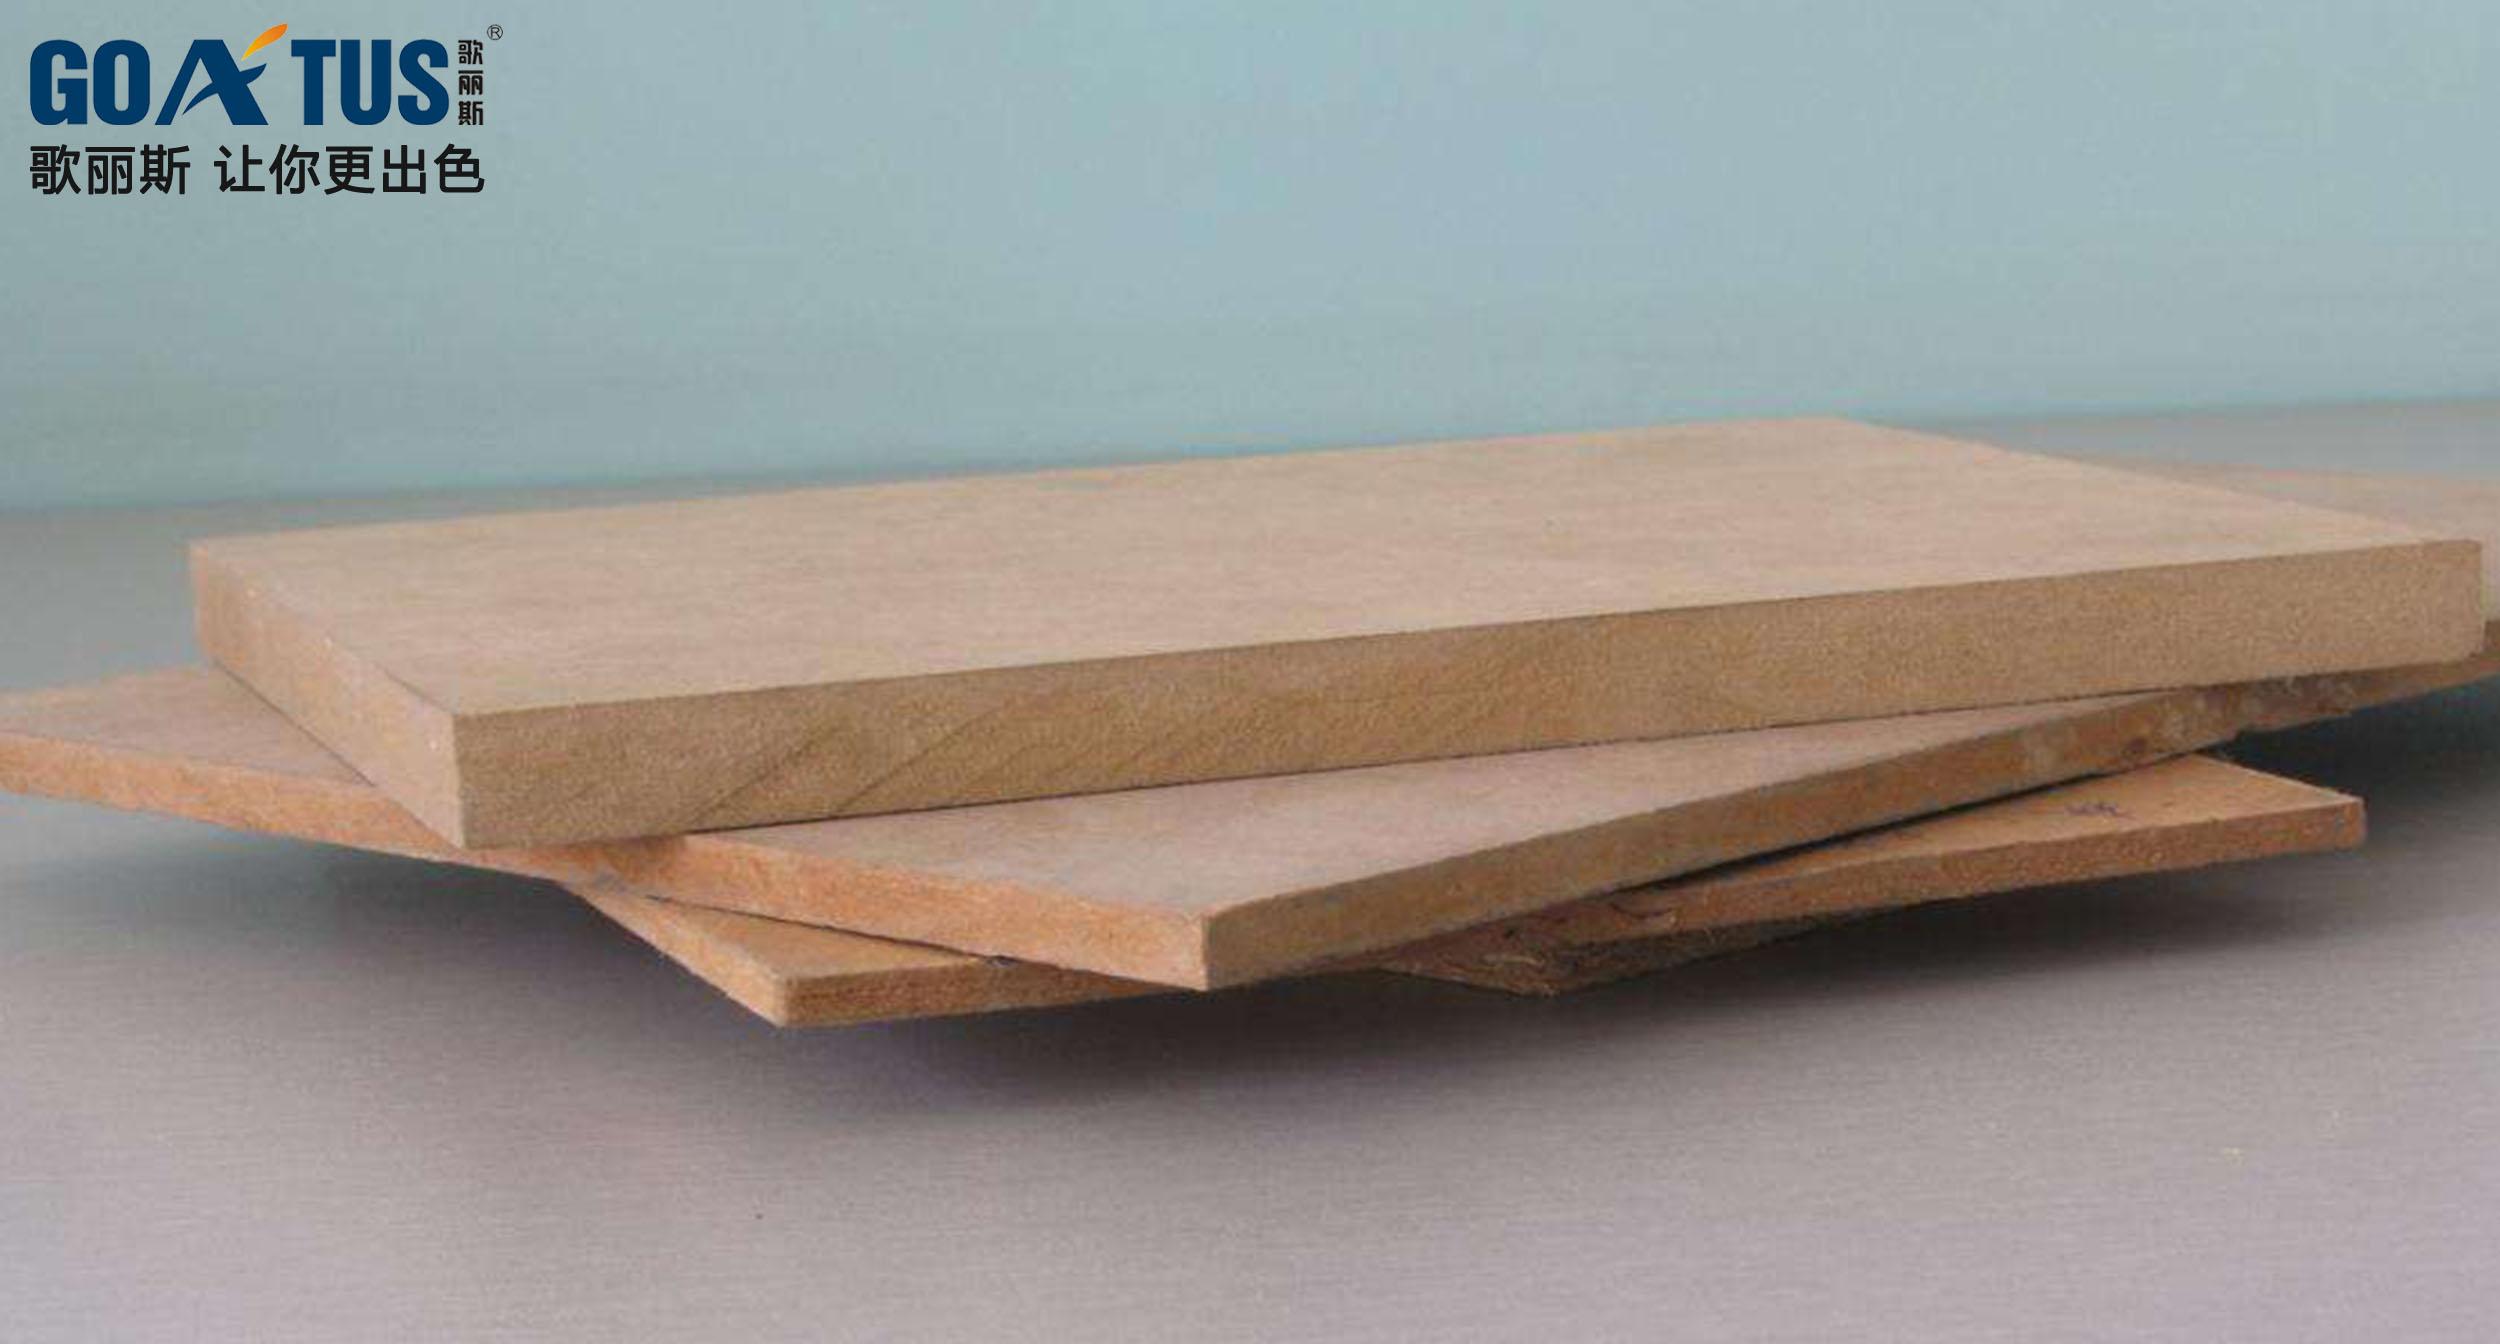 歌丽斯-低温固化粉末